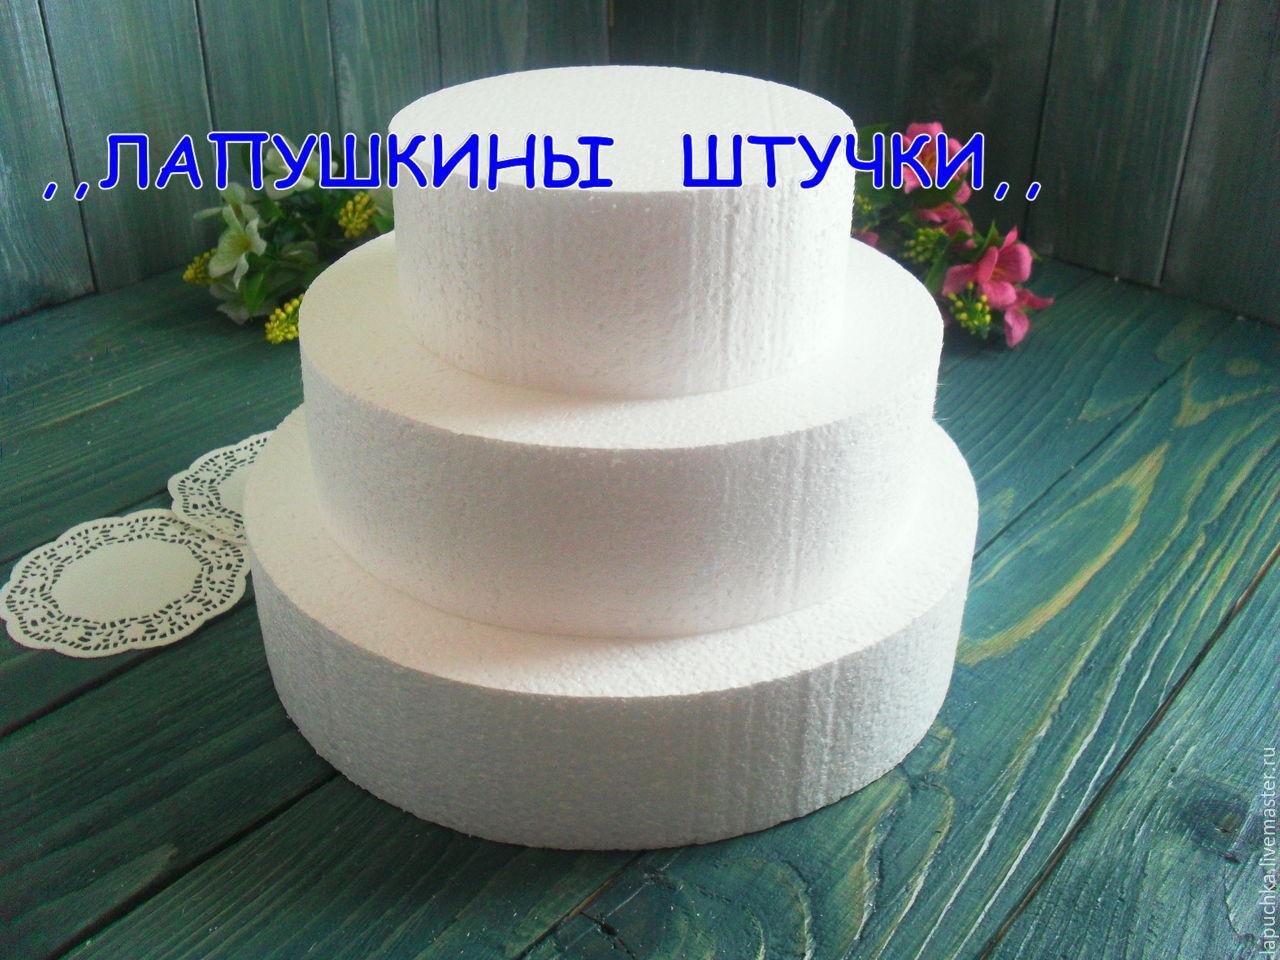 Как сделать круглую основу для торта Торт Сердце своими руками - Как испечь торт в виде